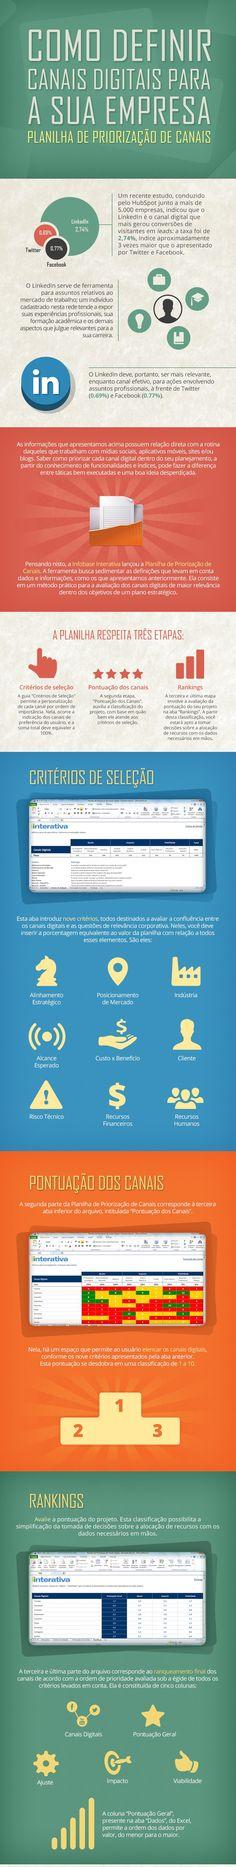 Planejamento de Comunicação Empresarial nas Mídias Sociais